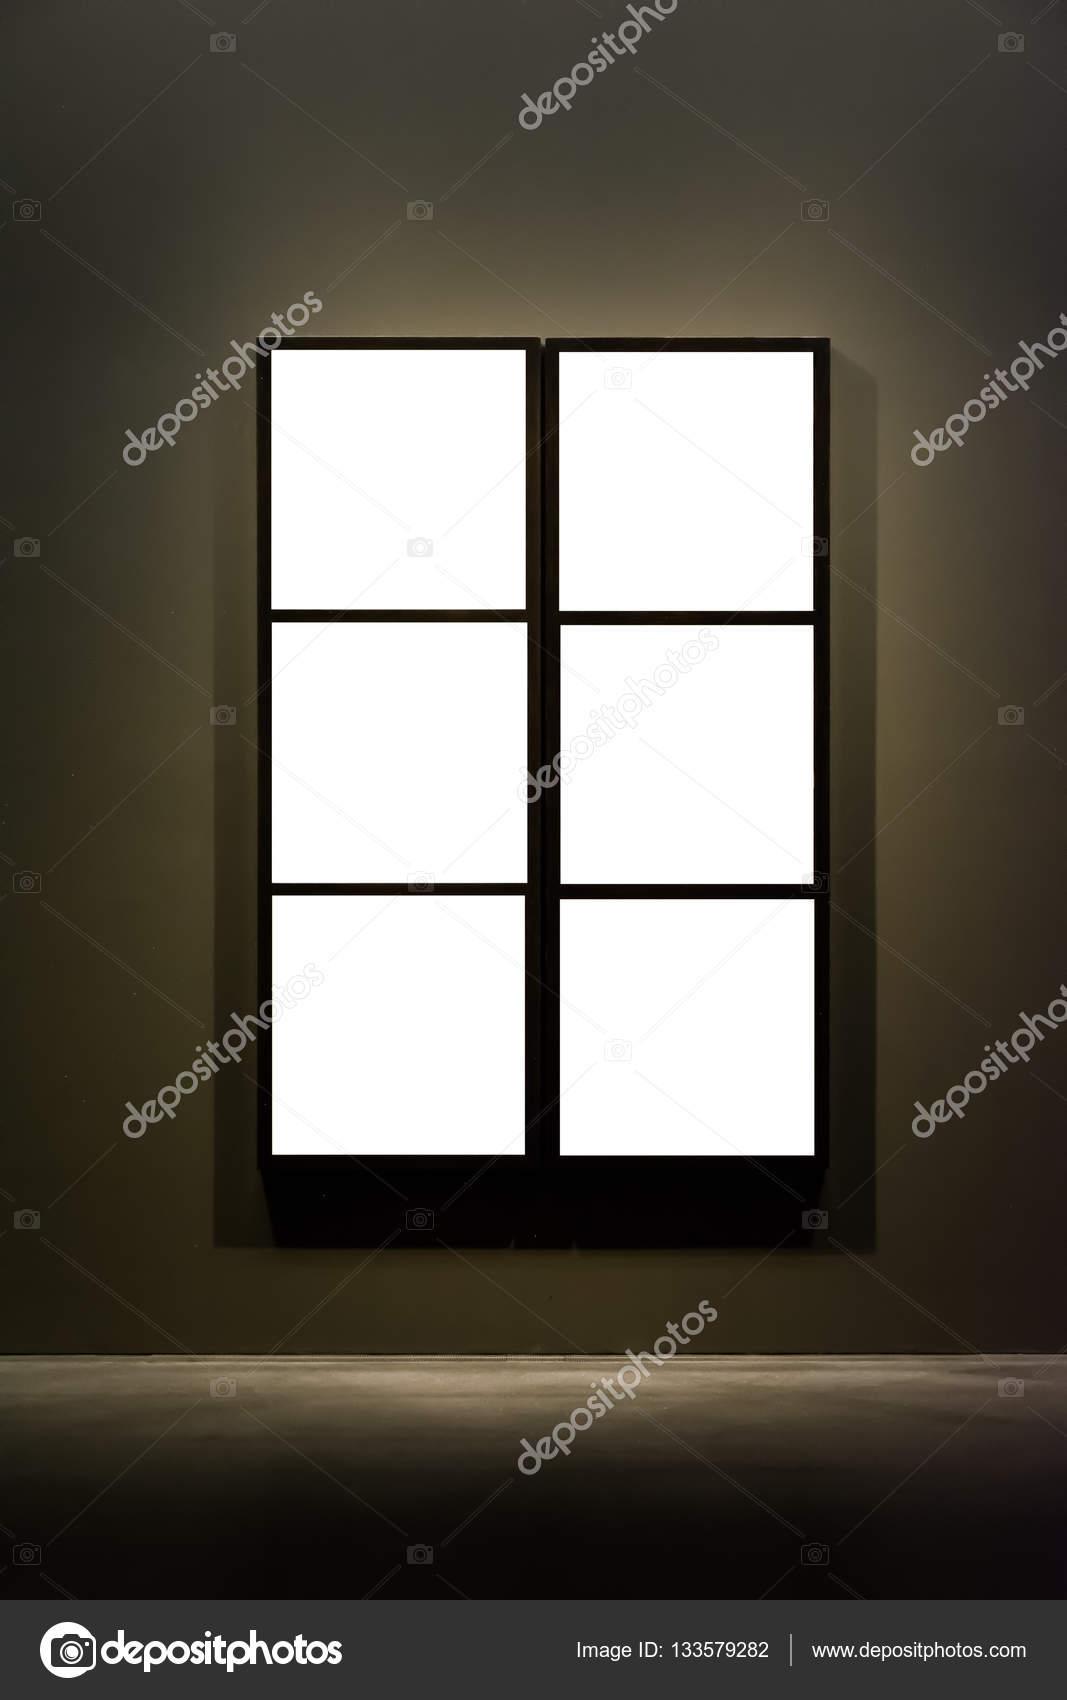 Museo de arte marco pared ornamentada diseño minimalista blanco ...